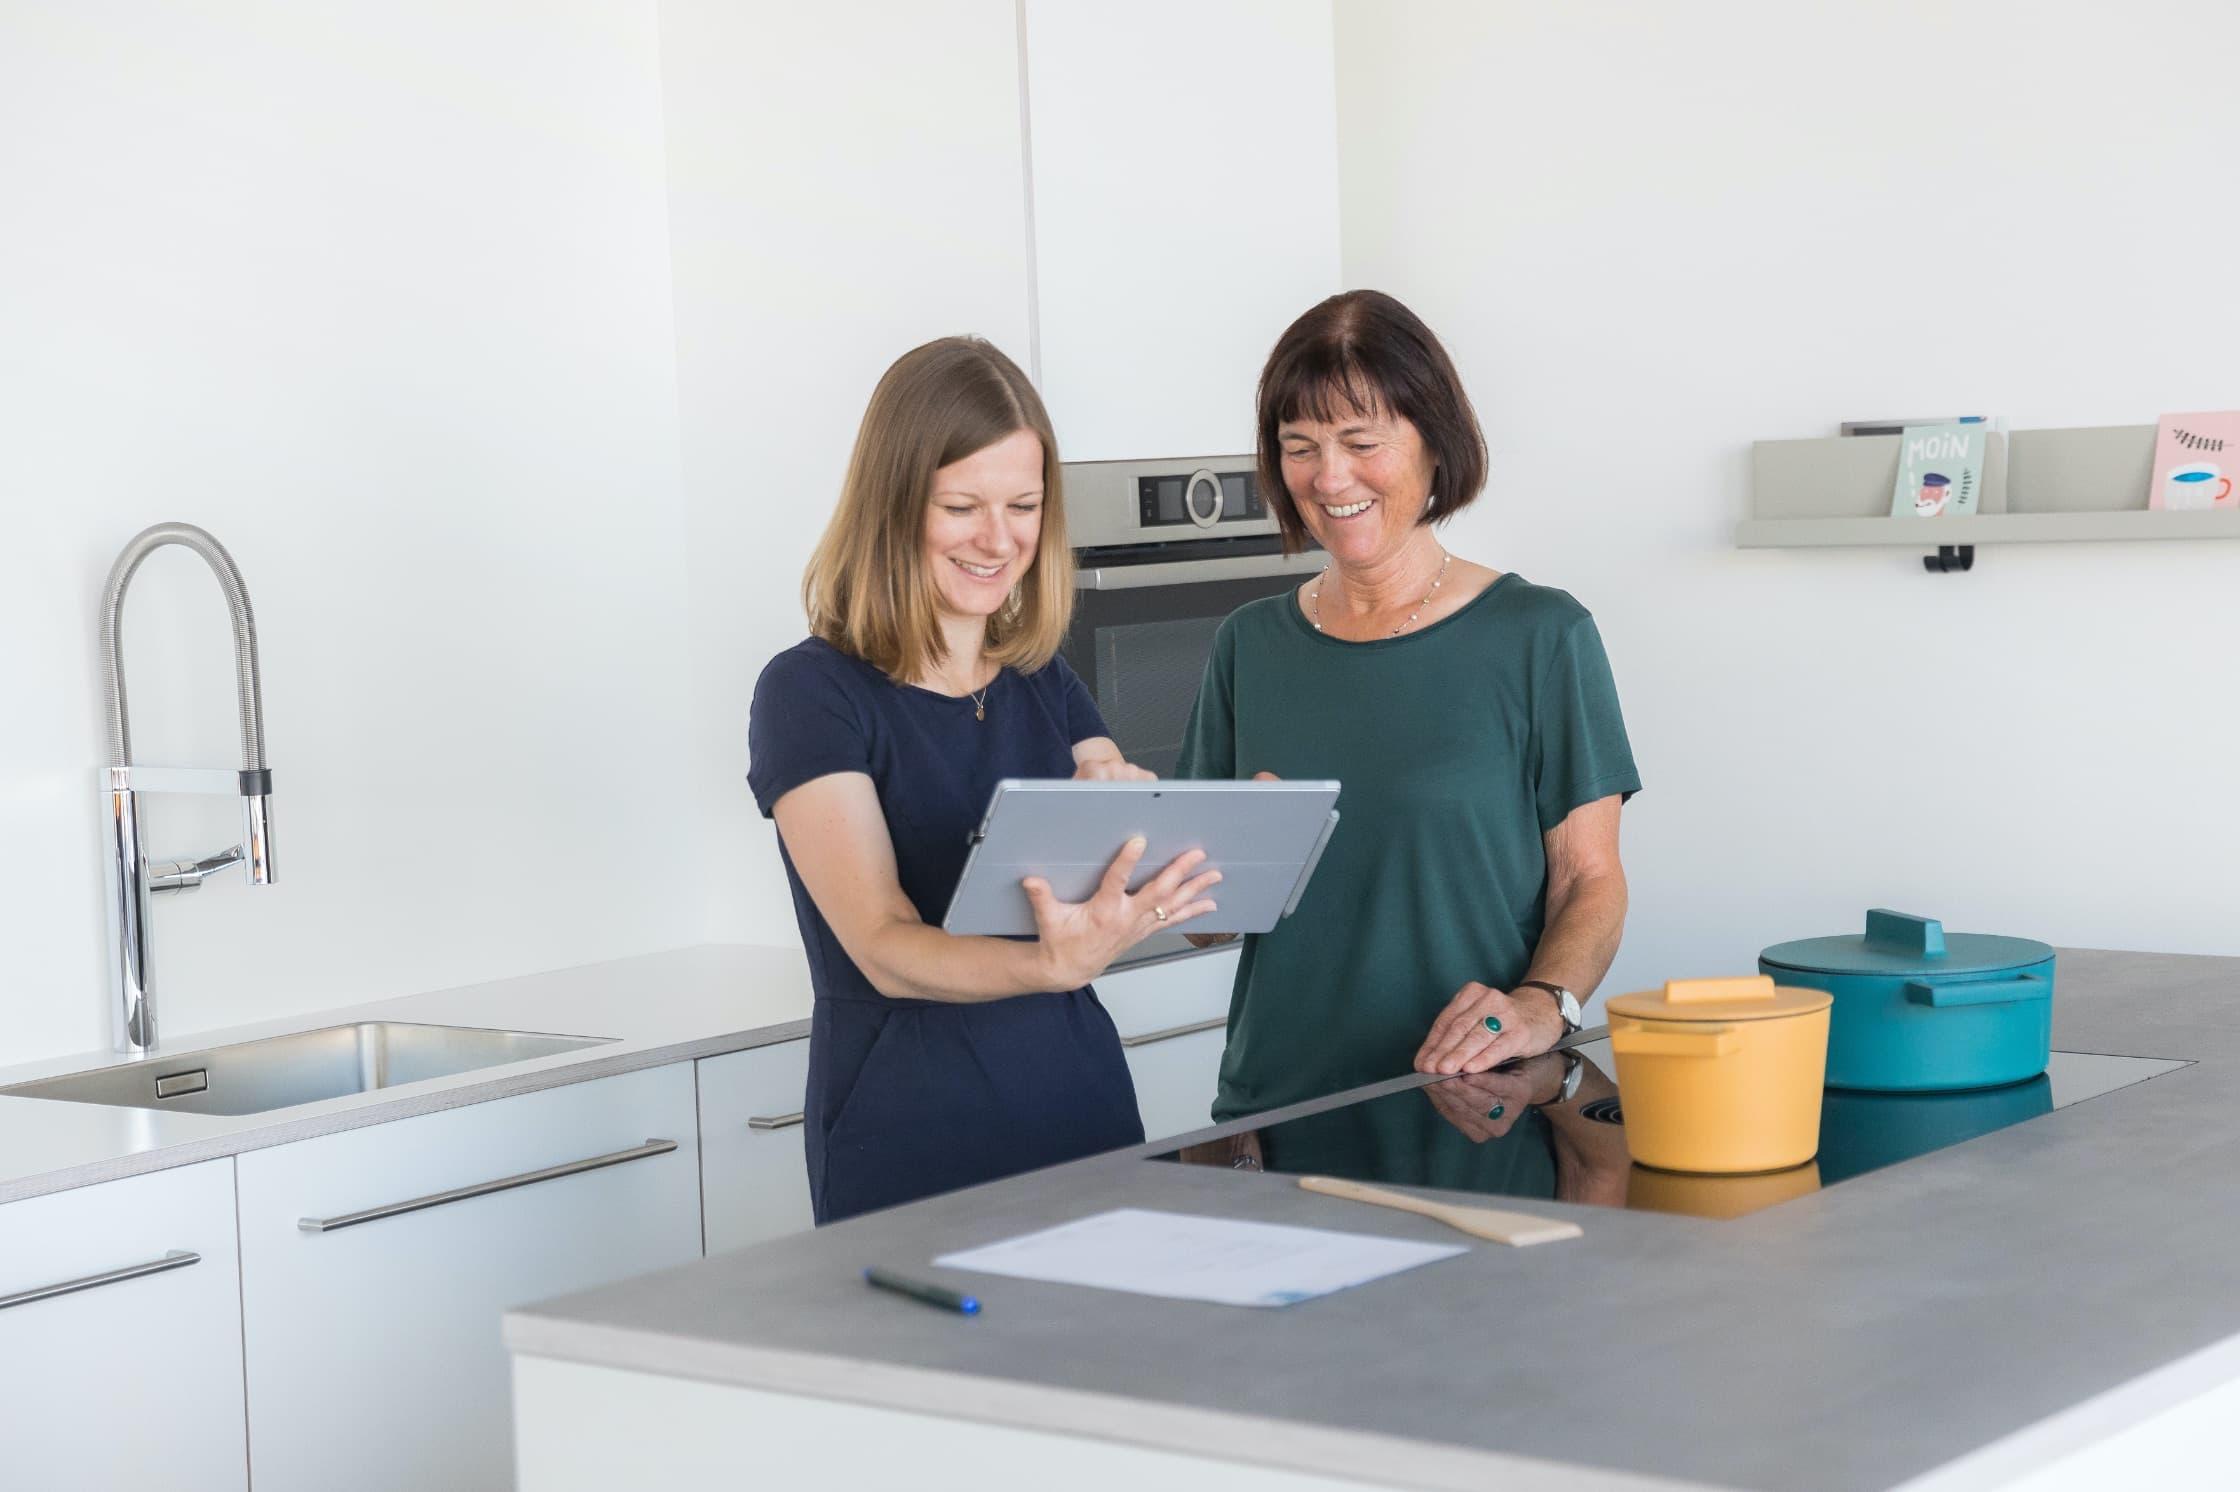 Beratung mit System im Küchenstudio für Backnang – NR Küchen